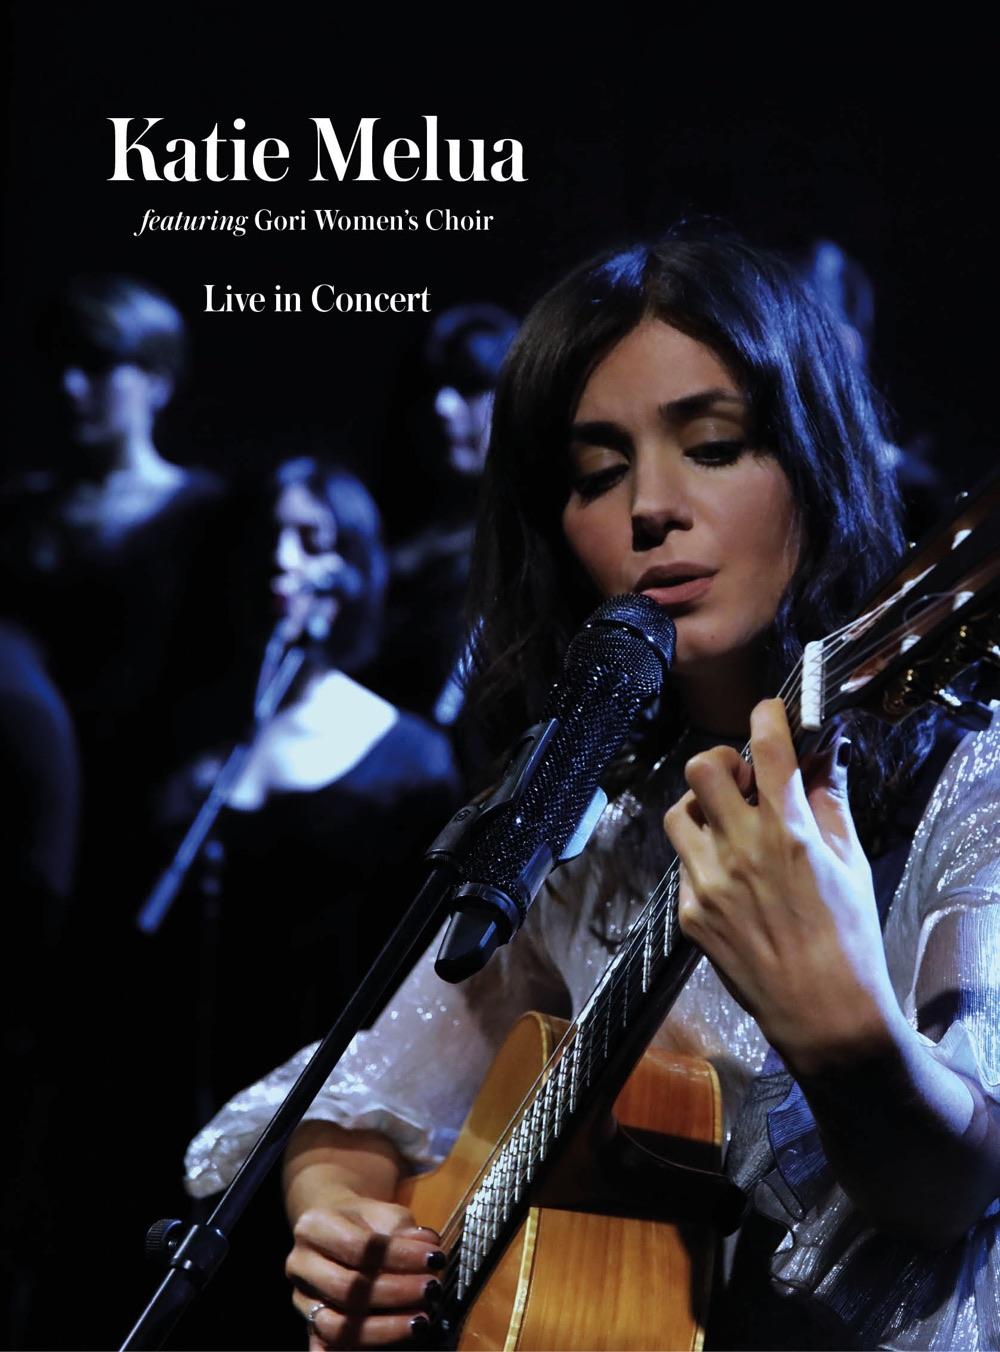 Katie-Melua-Live-In-Concert-Book-Artwork-1000px